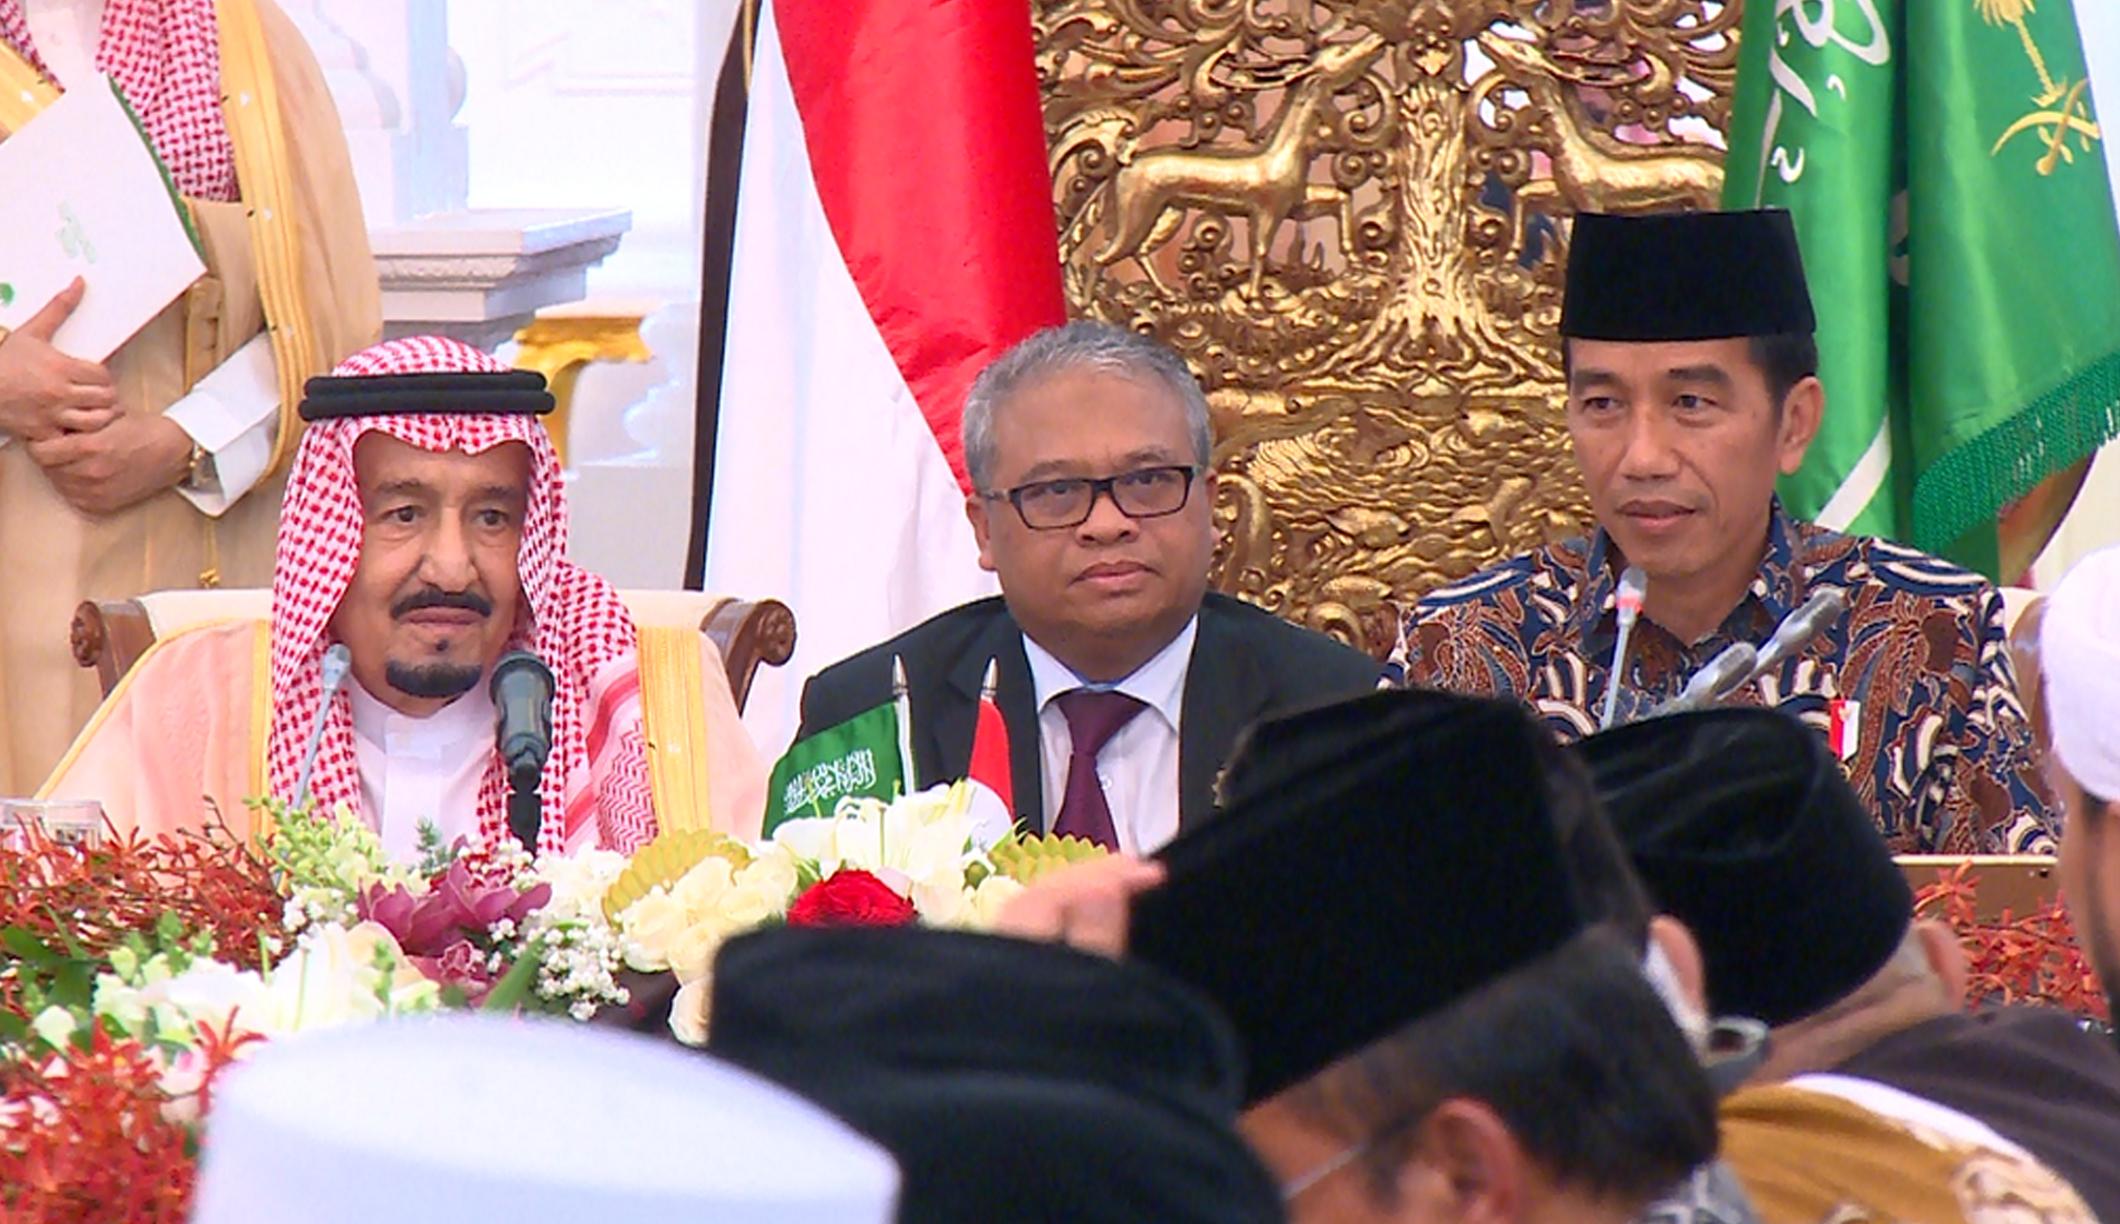 Presiden Jokowi mendampingi Raja Arab Saudi Salman bin Abdul Aziz Al-Saud dalam pertemuan dengan para ulama, di Istana Merdeka, Jakarta, Kamis (2/3) sore. (Foto: JAY/Humas)